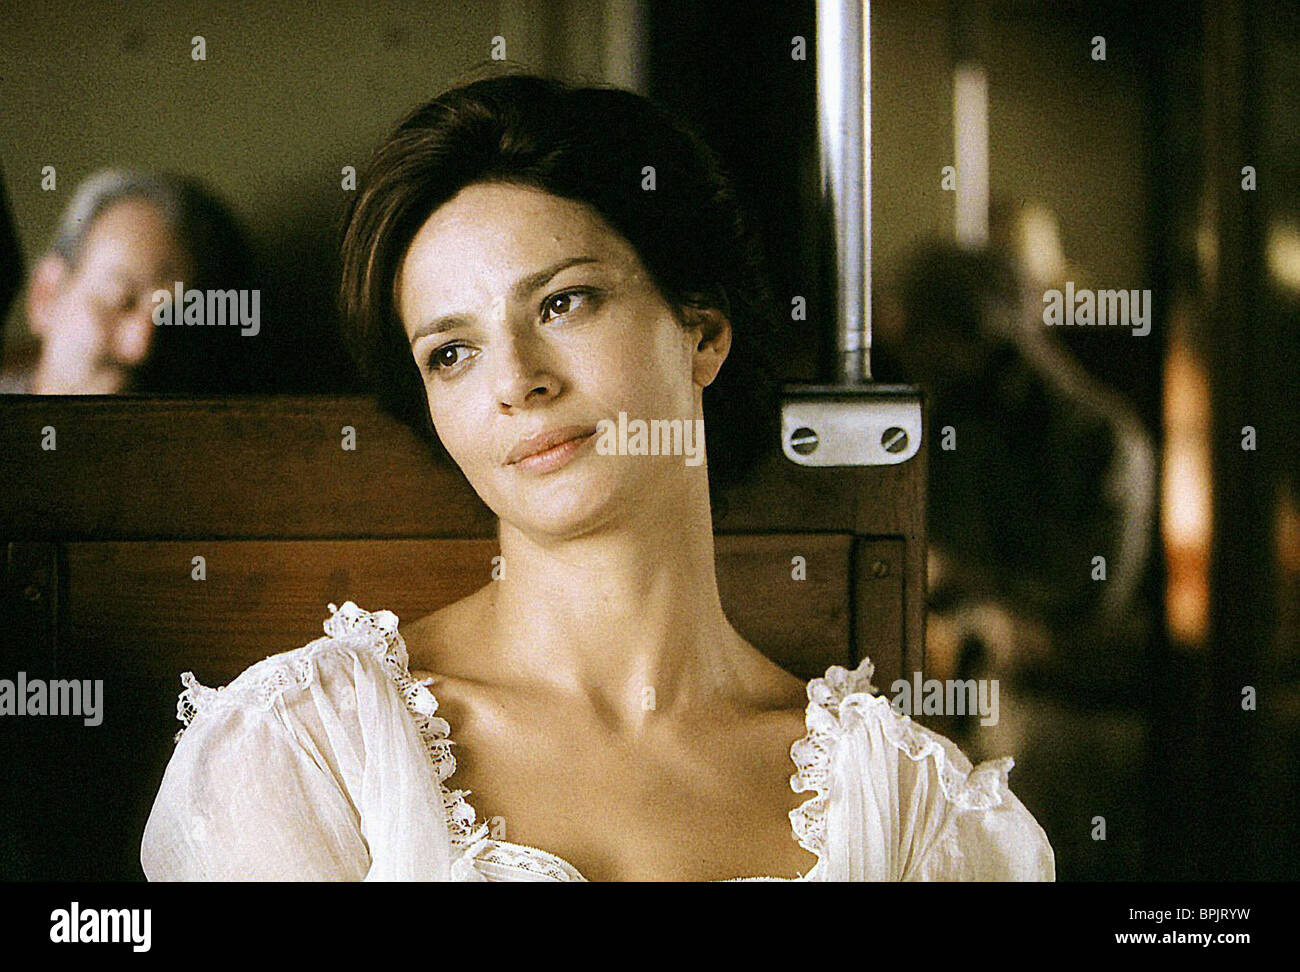 LAURA MORANTE UN VIAGGIO CHIAMATO AMORE (2002) - Stock Image